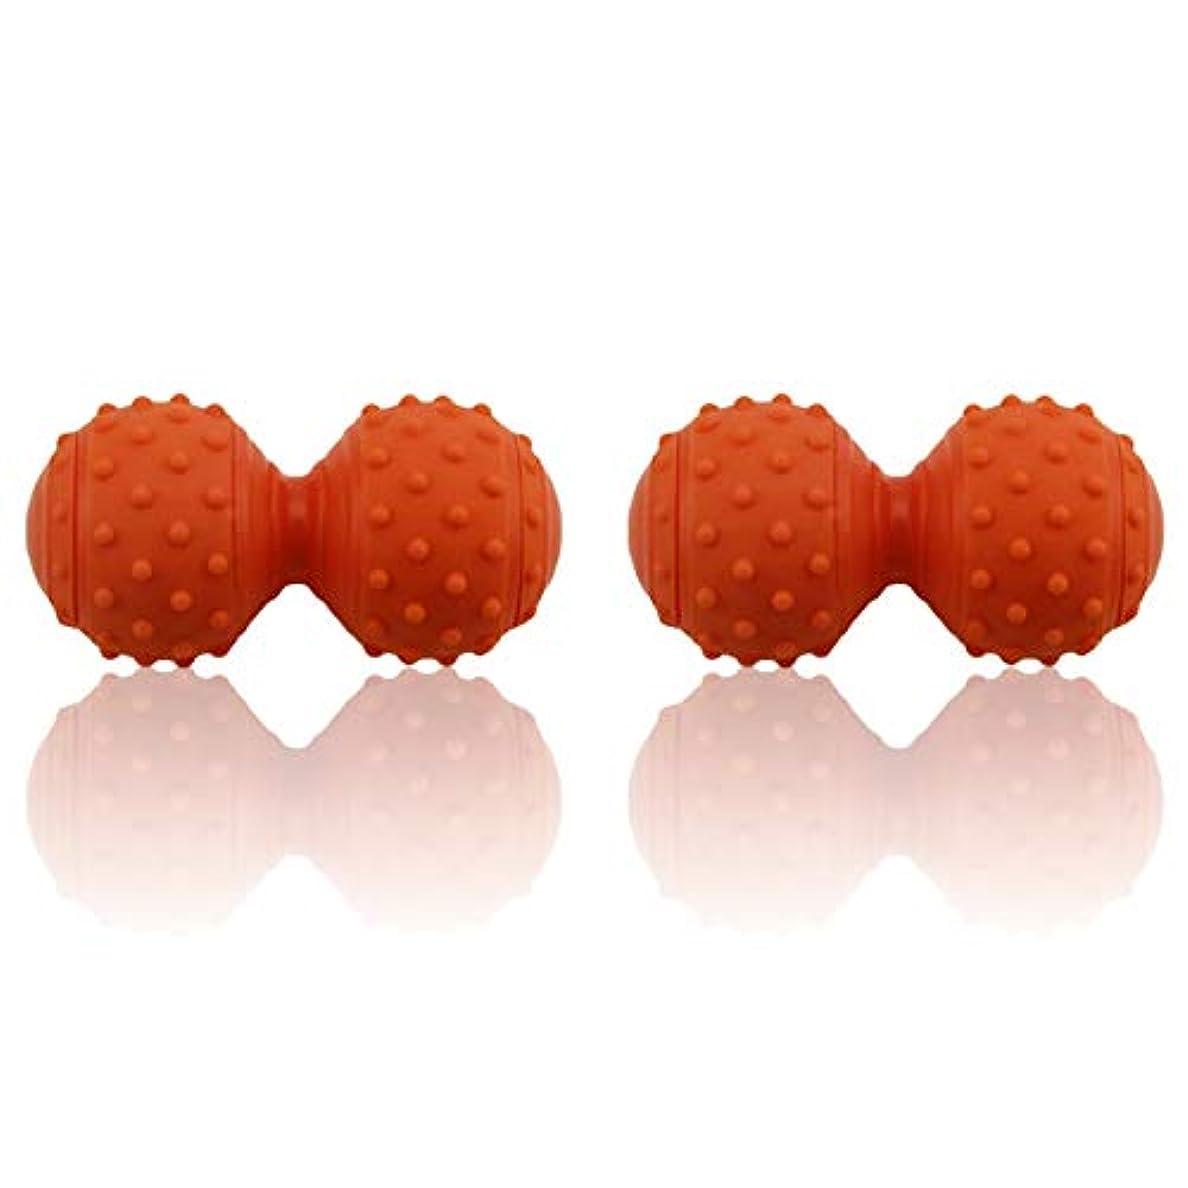 瞑想するかなりの楕円形HAMILO マッサージボール ピーナッツ型 ツボ押し 携帯サイズ 指圧 背中 足つぼ 足裏 手 腰